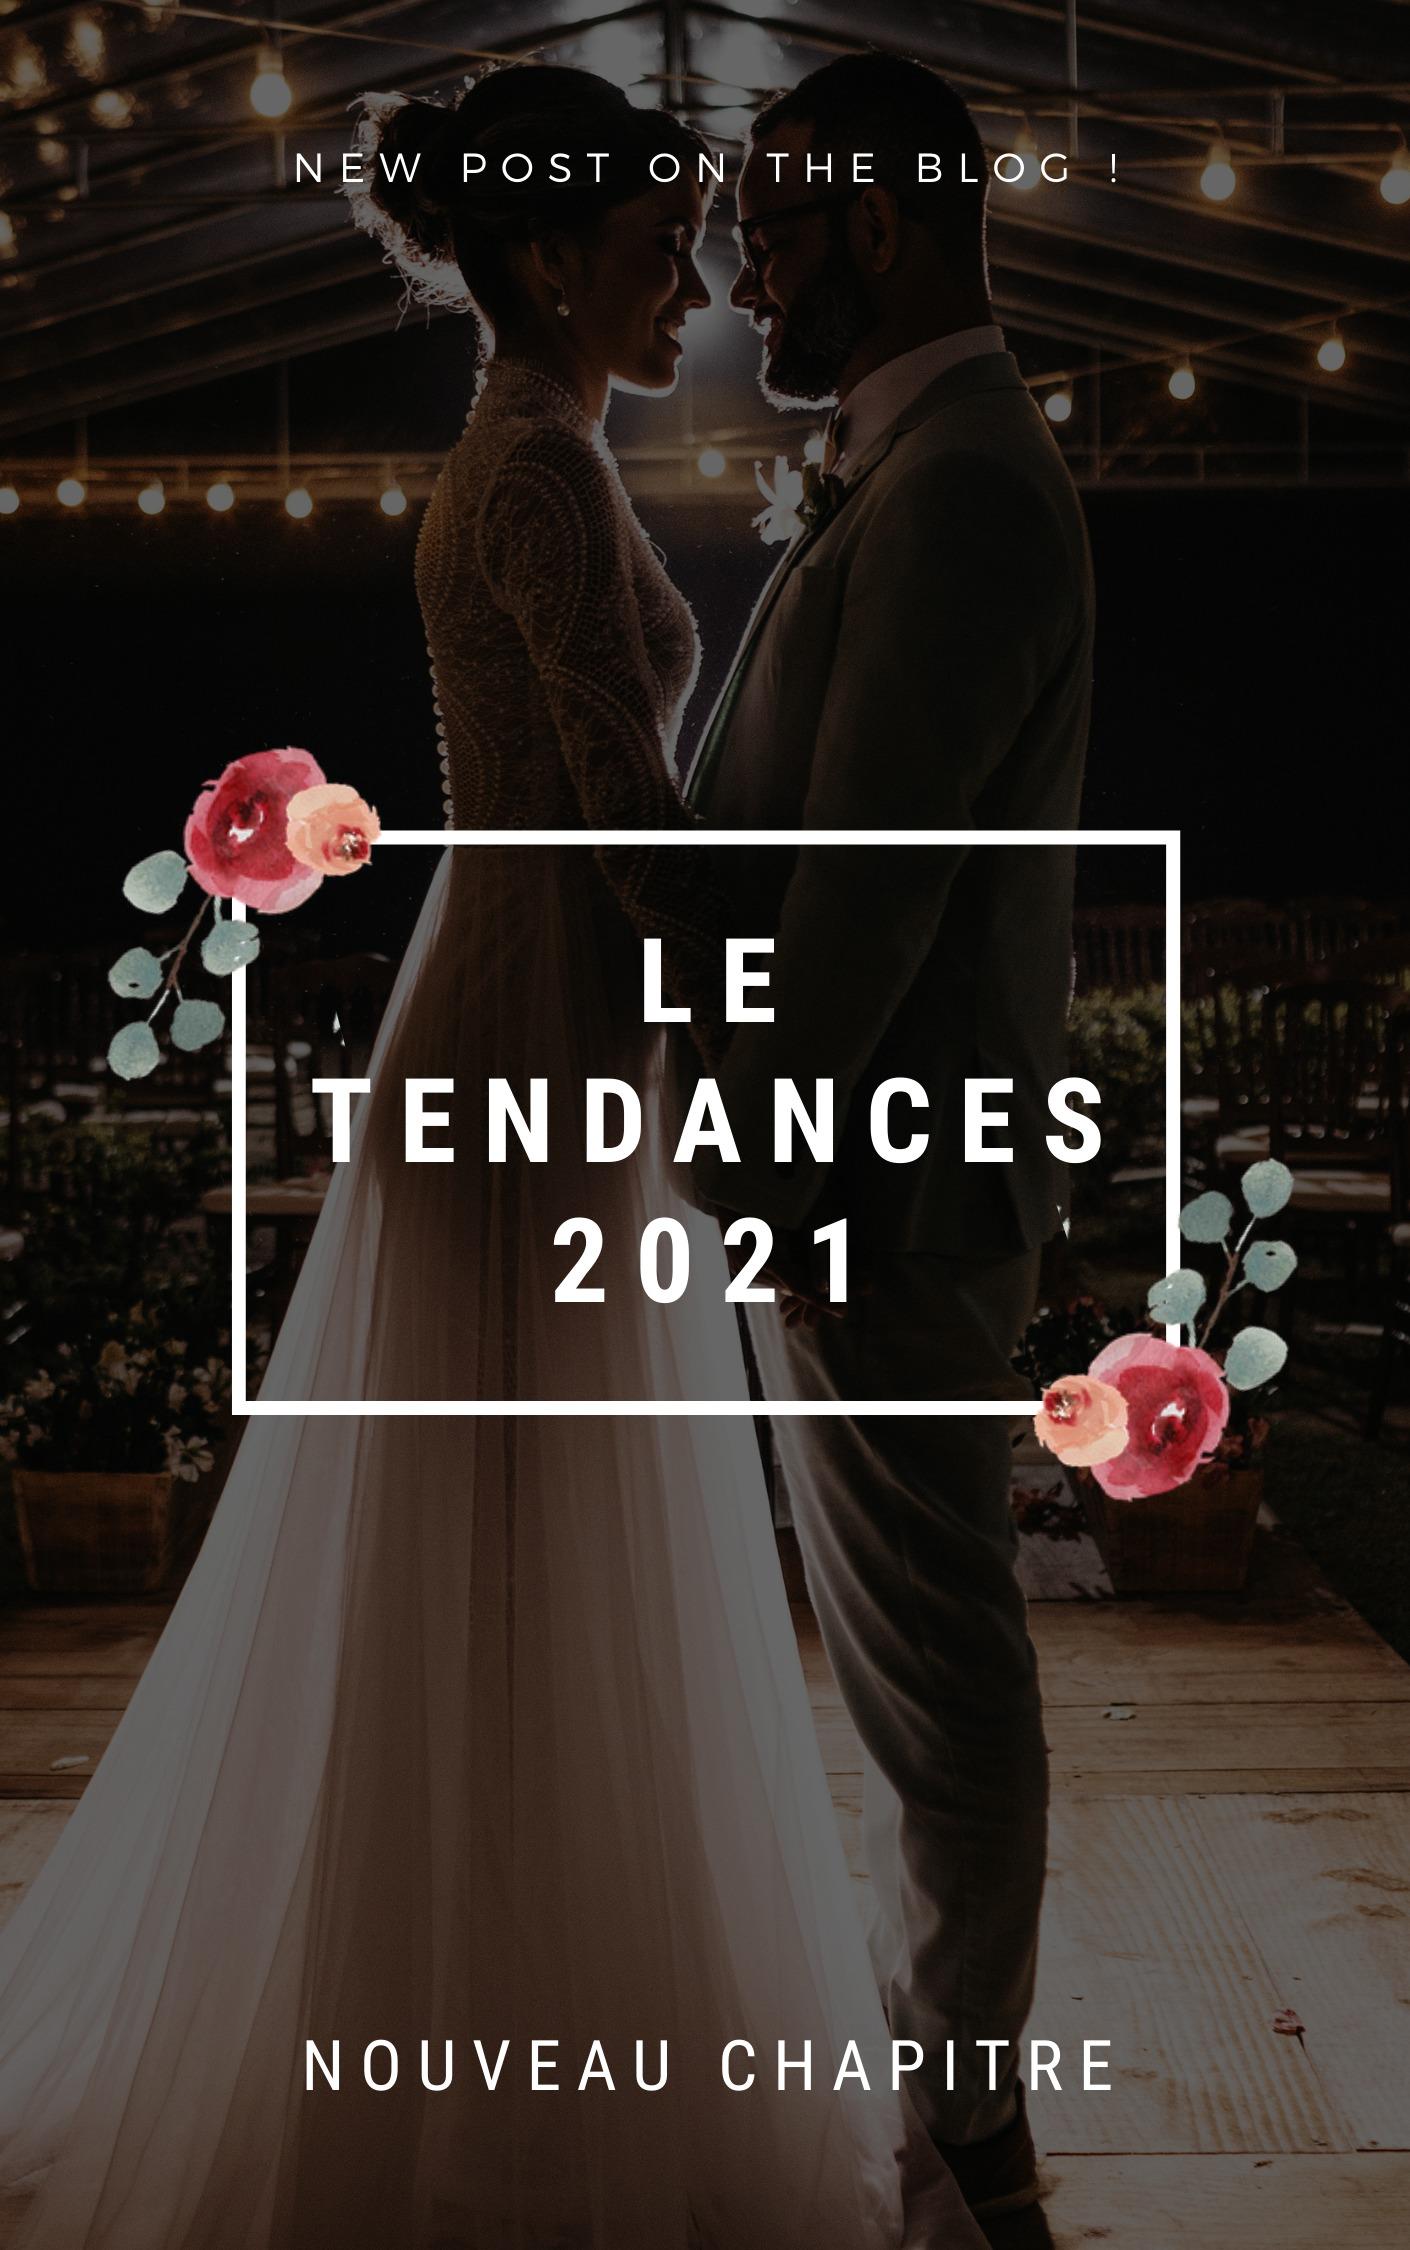 WEDDING-PLANNER-VINTAGE-MARIAGE-RENOUVELLEMENT-VOEUX-CENTRE-VAL-LOIRE-INDRE-YVELINES-VIENNE-78-86-36-37-ORGANISATION-COORDINATION-GAZETTE-BLOG-PODCAST-RECORDS-TENDANCES-2021